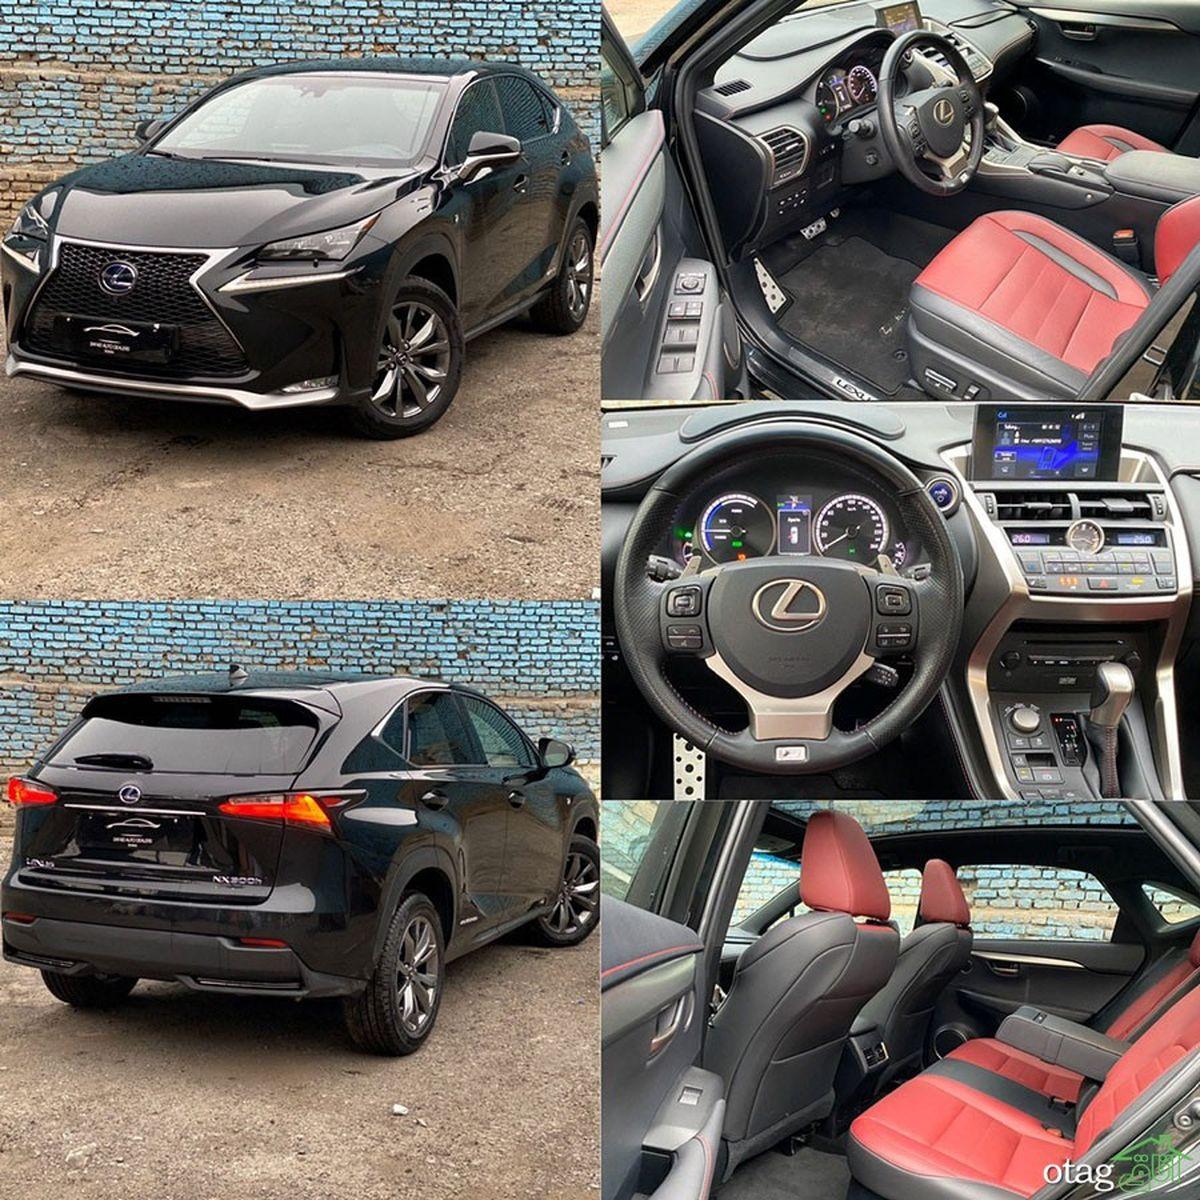 قیمت خودرو امروز 4 مرداد 1400 + لیست قیمت محصولات ایران خودرو